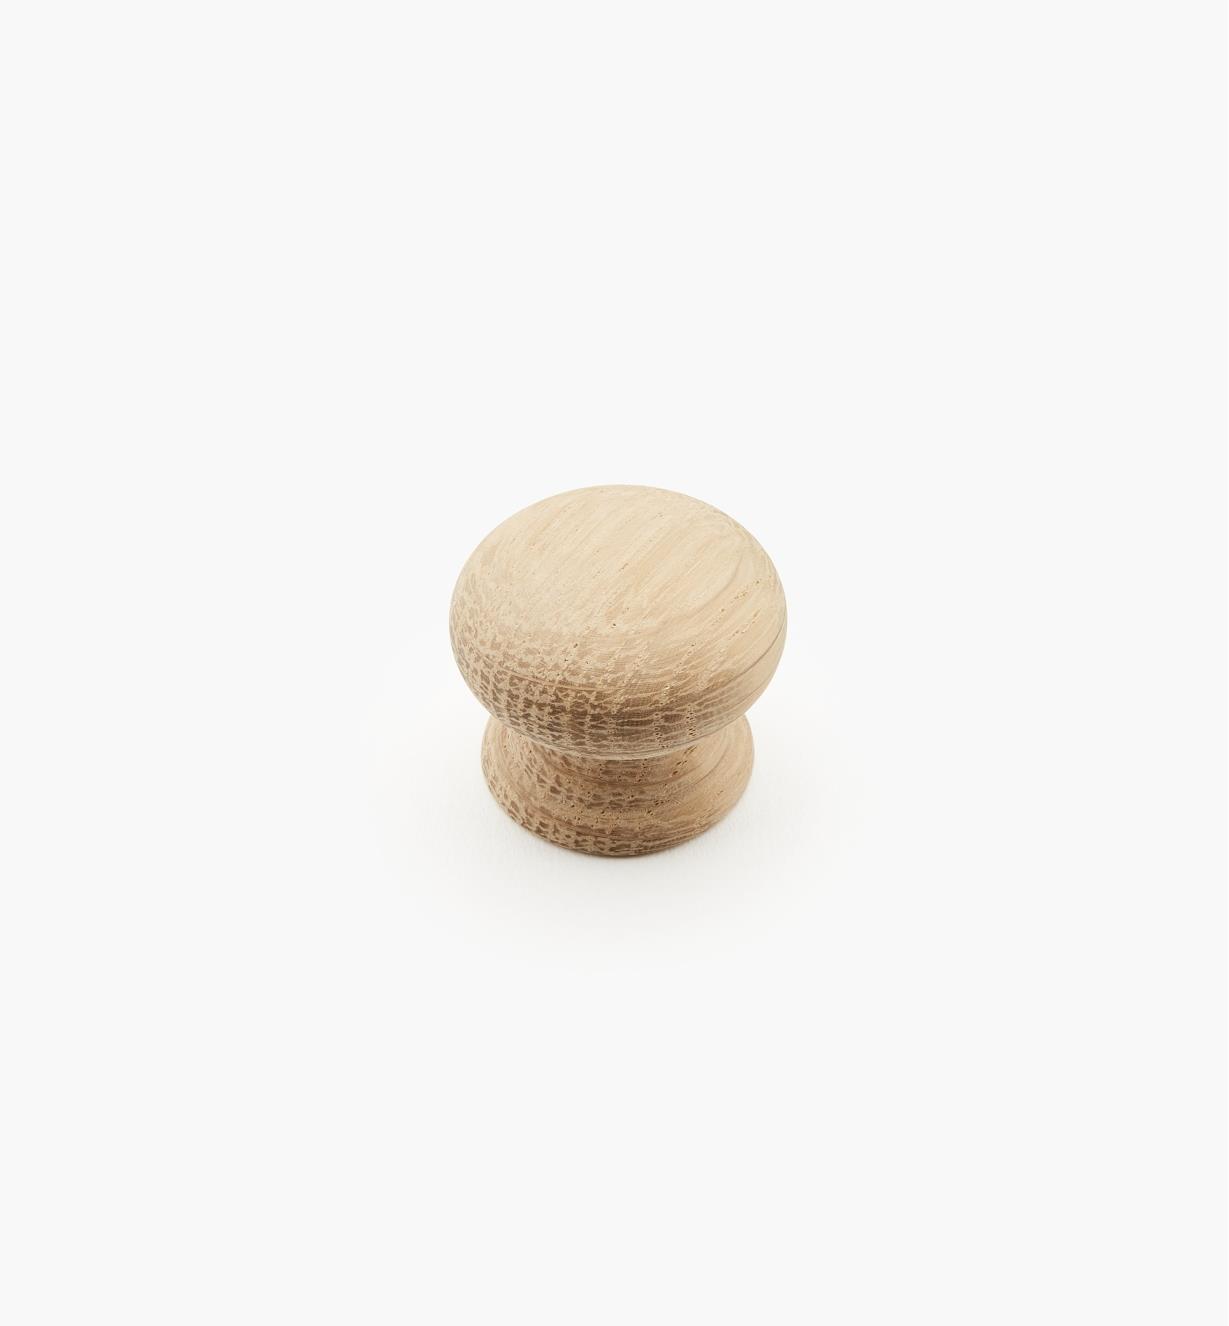 00W2905 - Bouton rond en chêne brut, 1 1/4 po